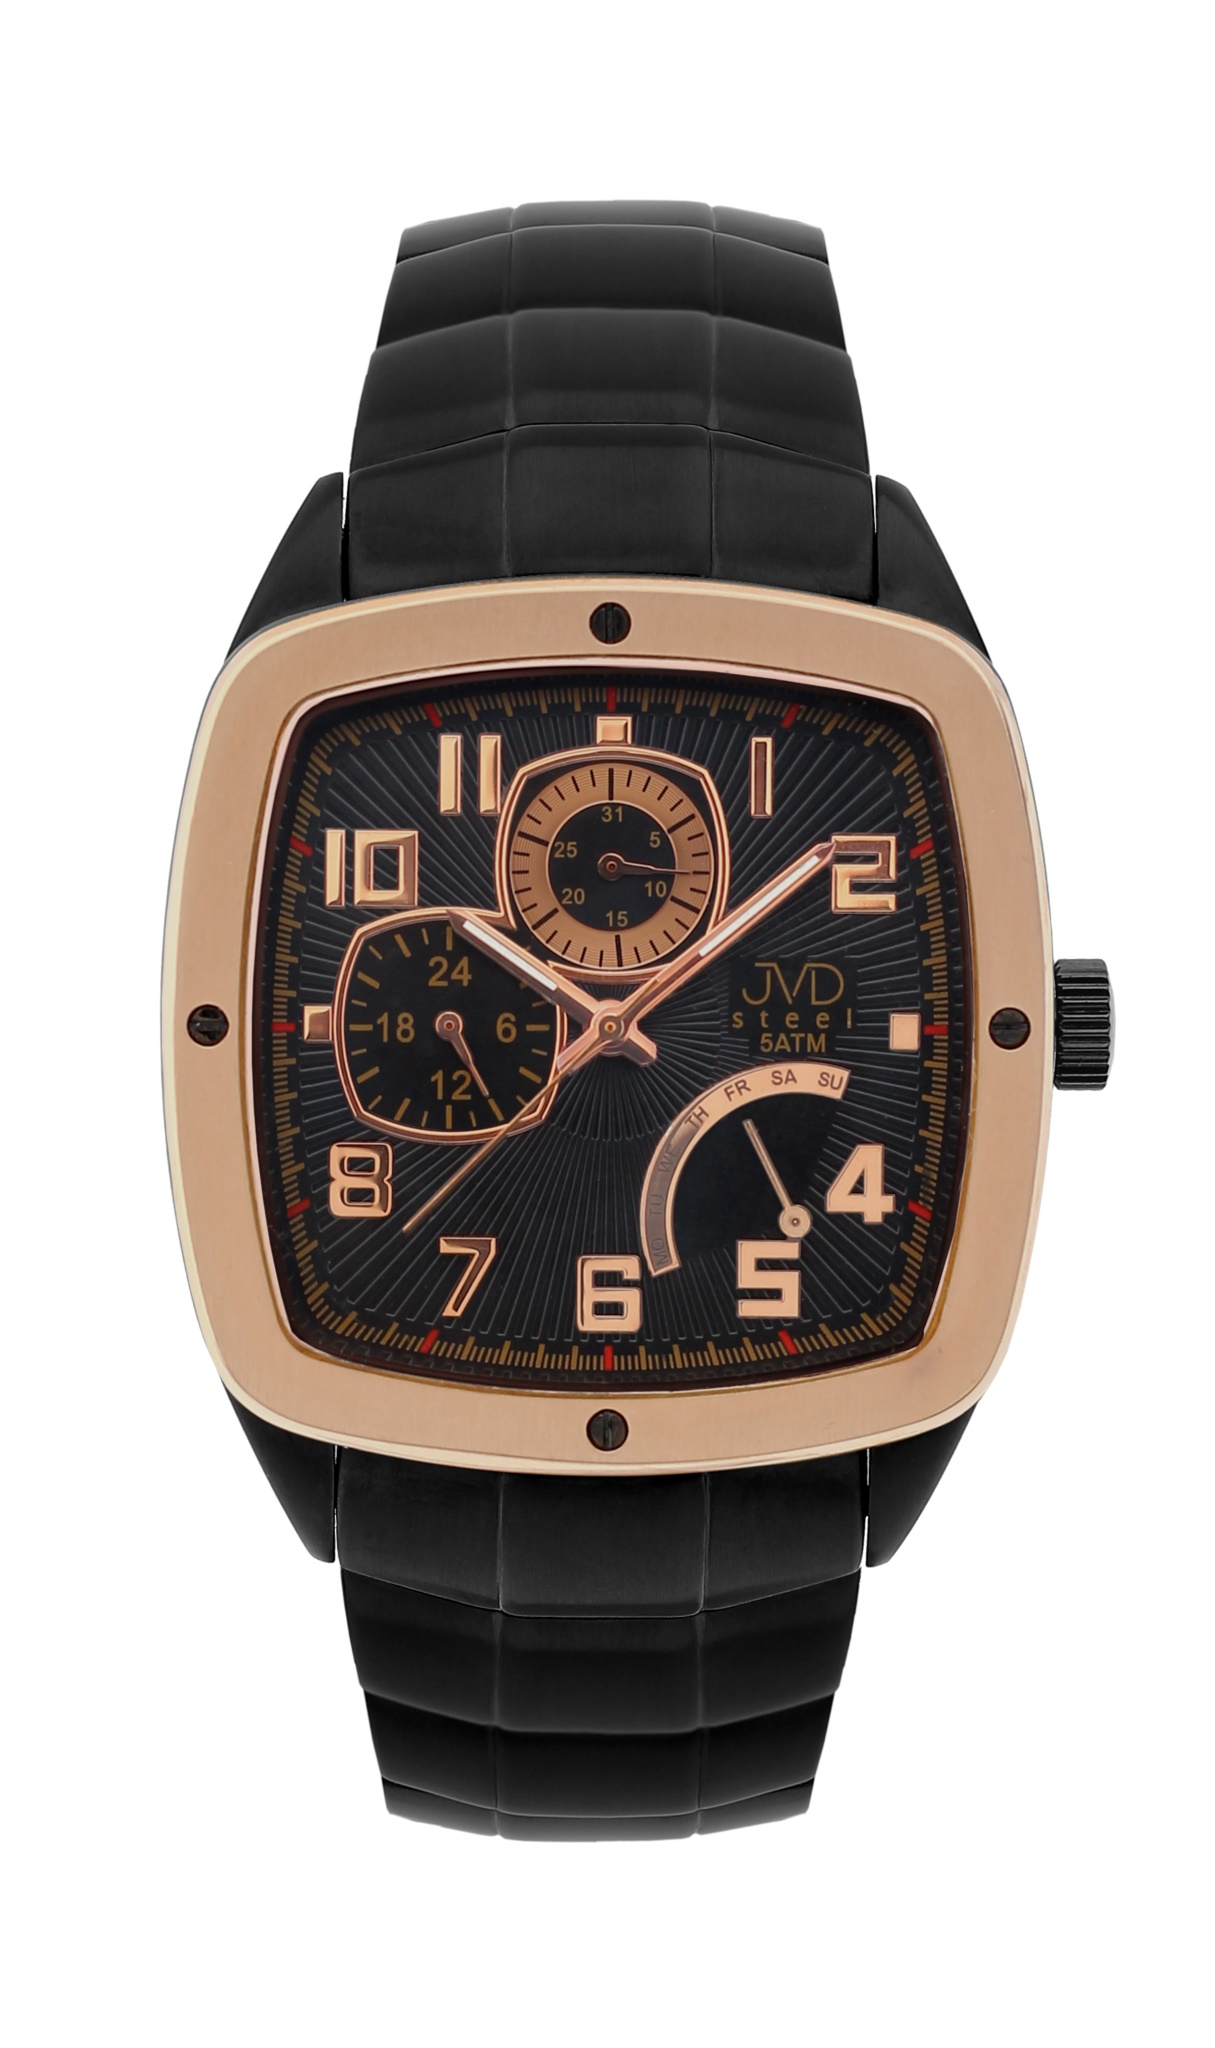 Pánské vodoodolené hranaté exkluzivní náramkové hodinky J1021.1 - 5ATM